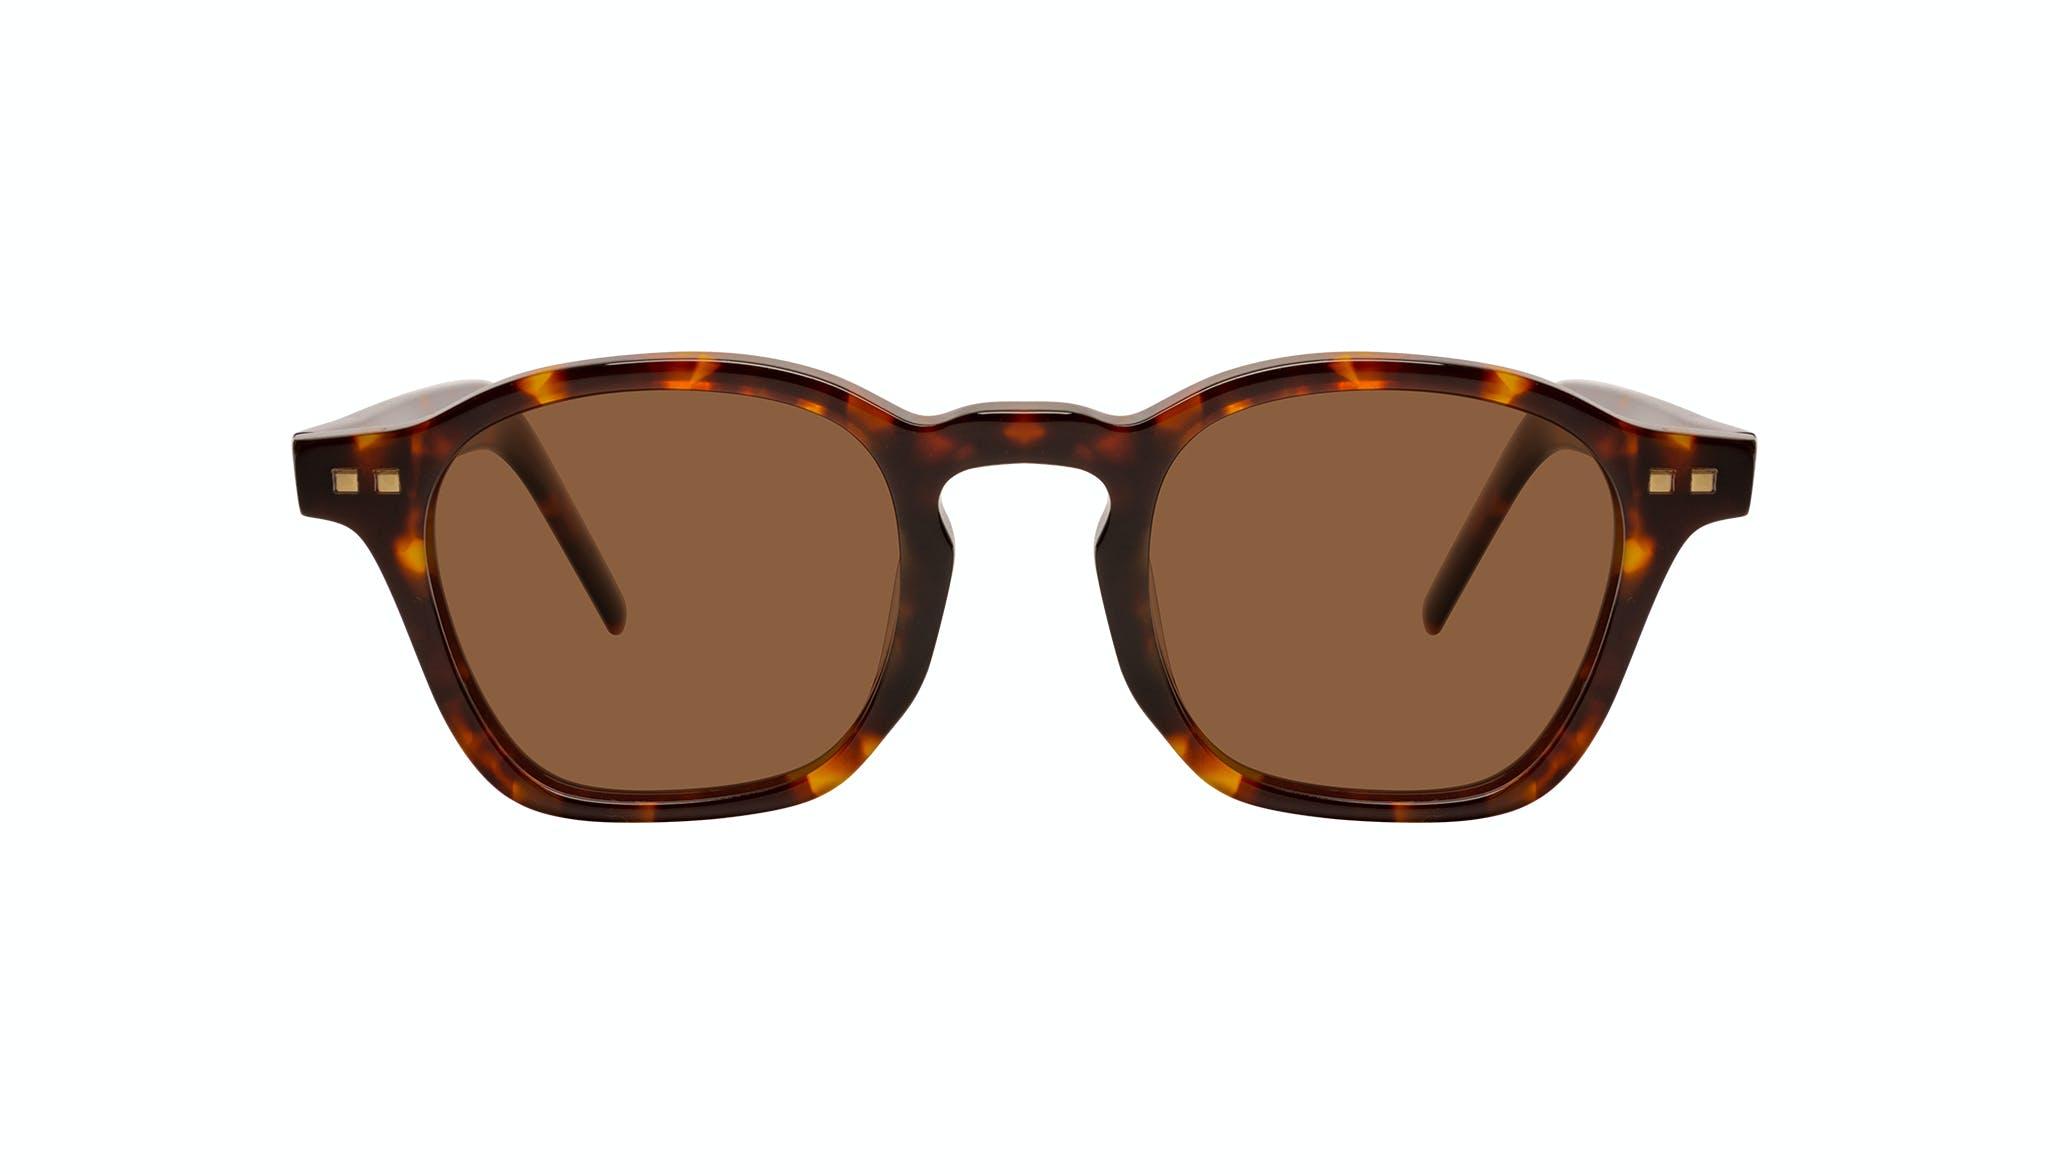 Lunettes tendance Carrée Lunettes de soleil Hommes Brisk Tortoise Face